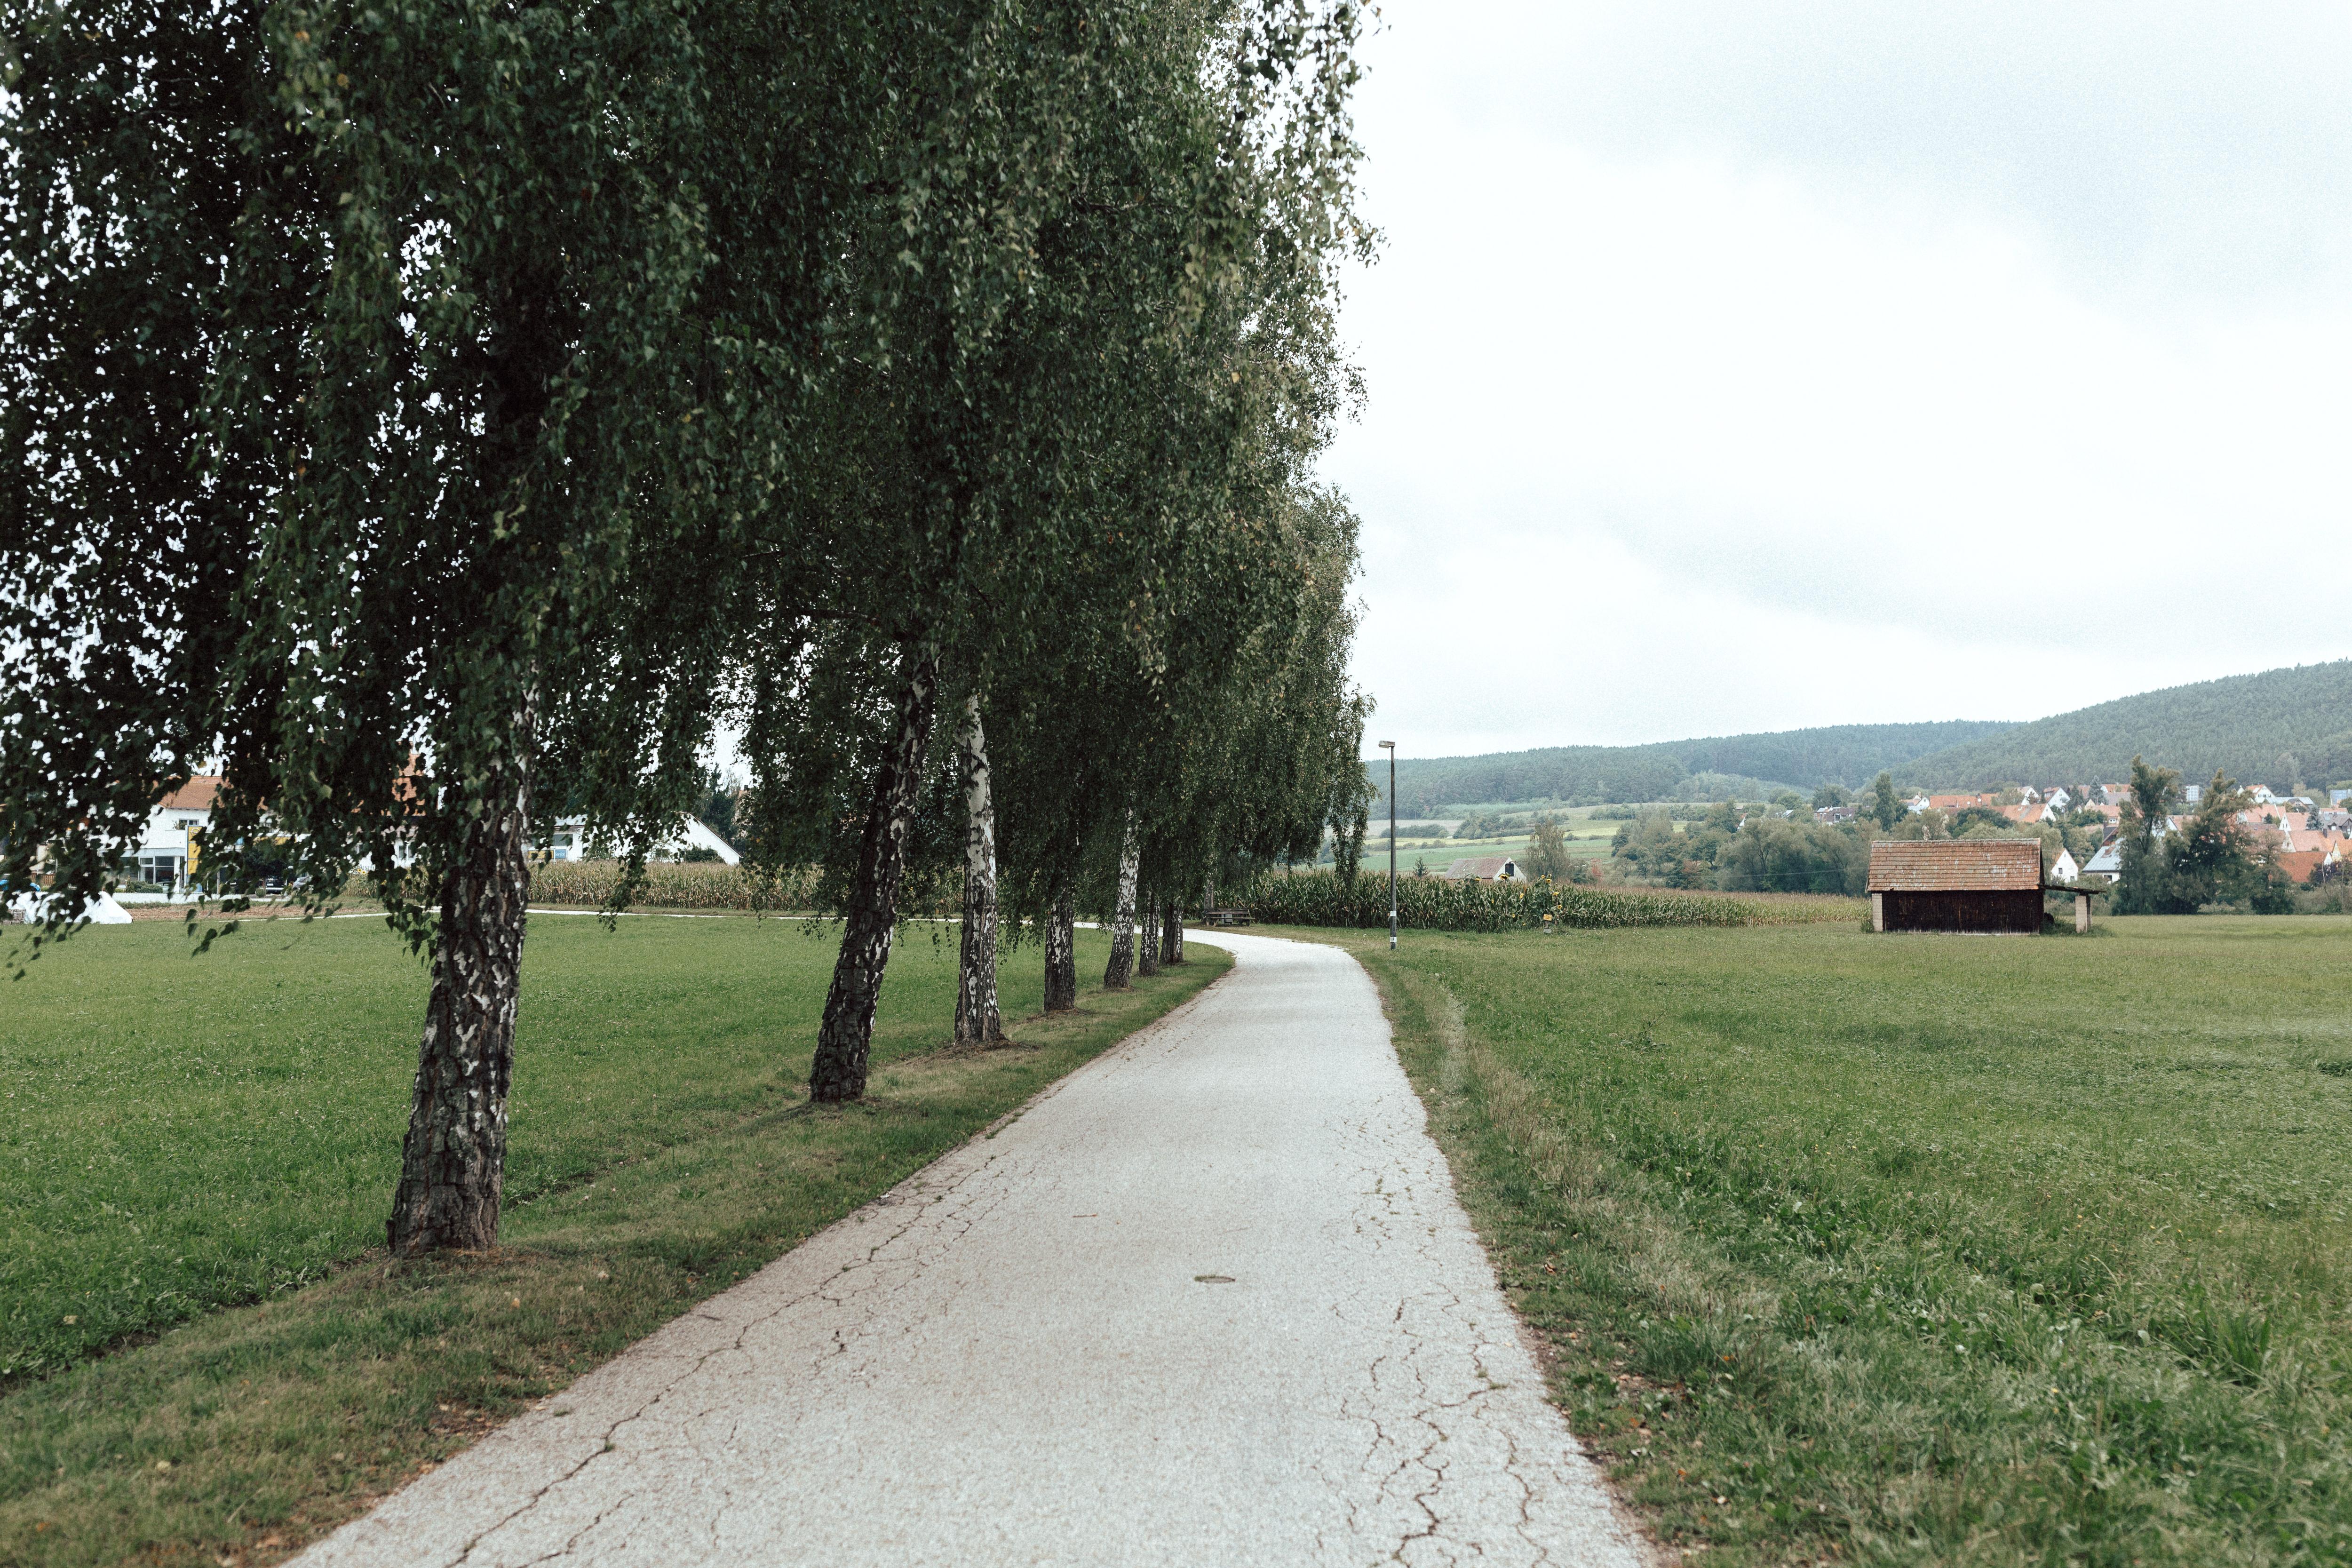 URBANERIE_Daniela_Goth_Fotografin_Nürnberg_Fürth_Erlangen_Schwabach_170902_004_0051